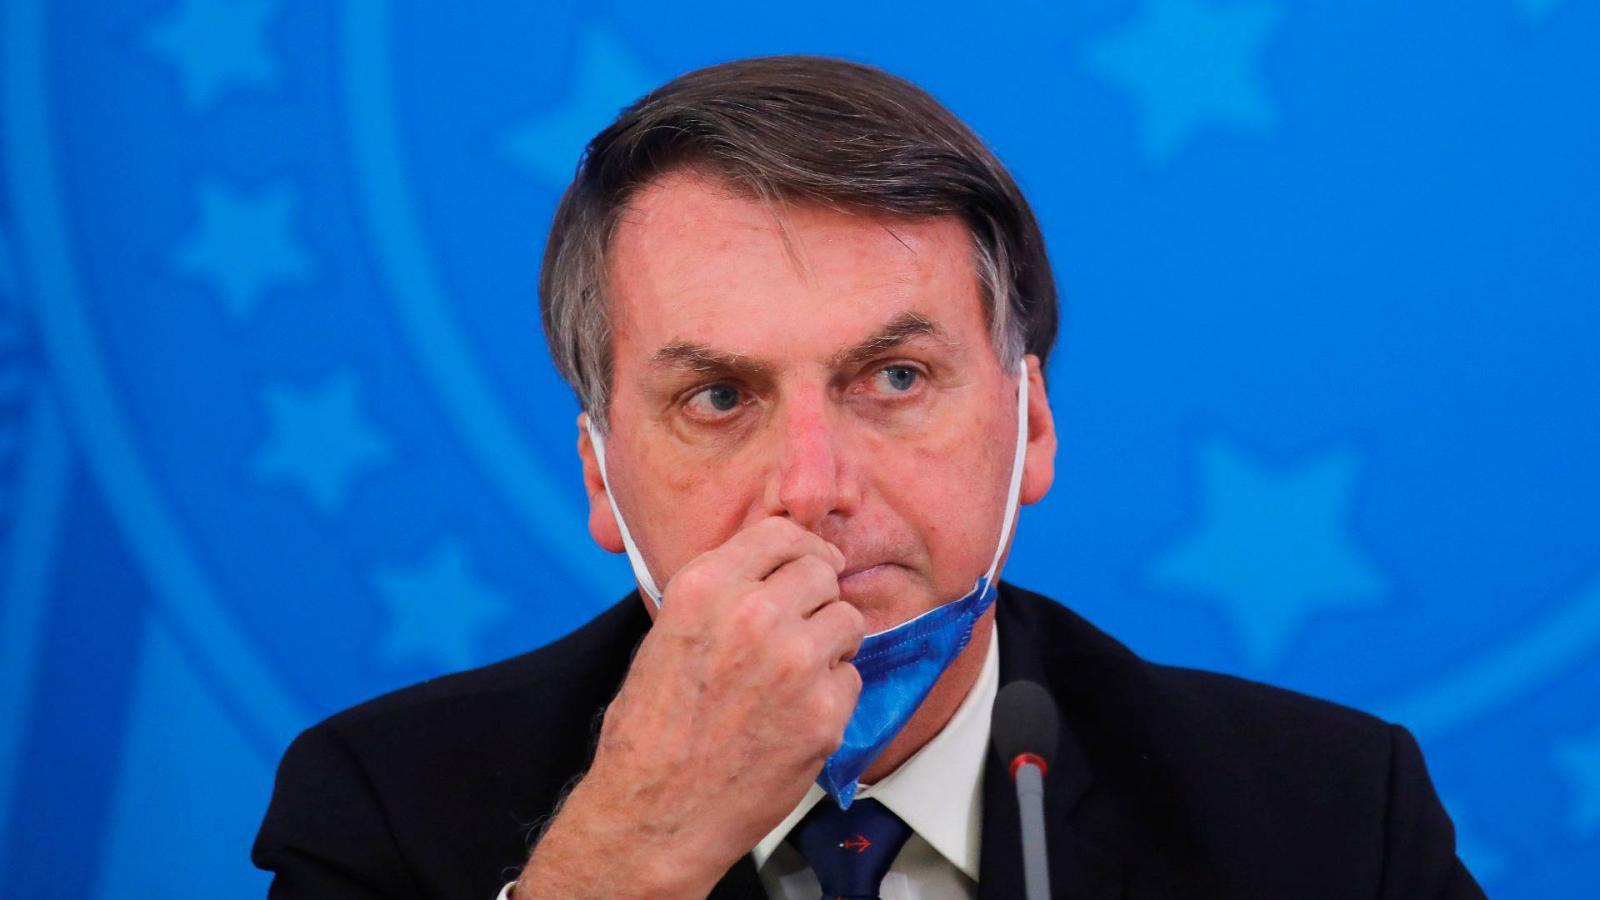 Népszava | Bíróság tiltotta meg Bolsonaro karanténnal ellentétes ...